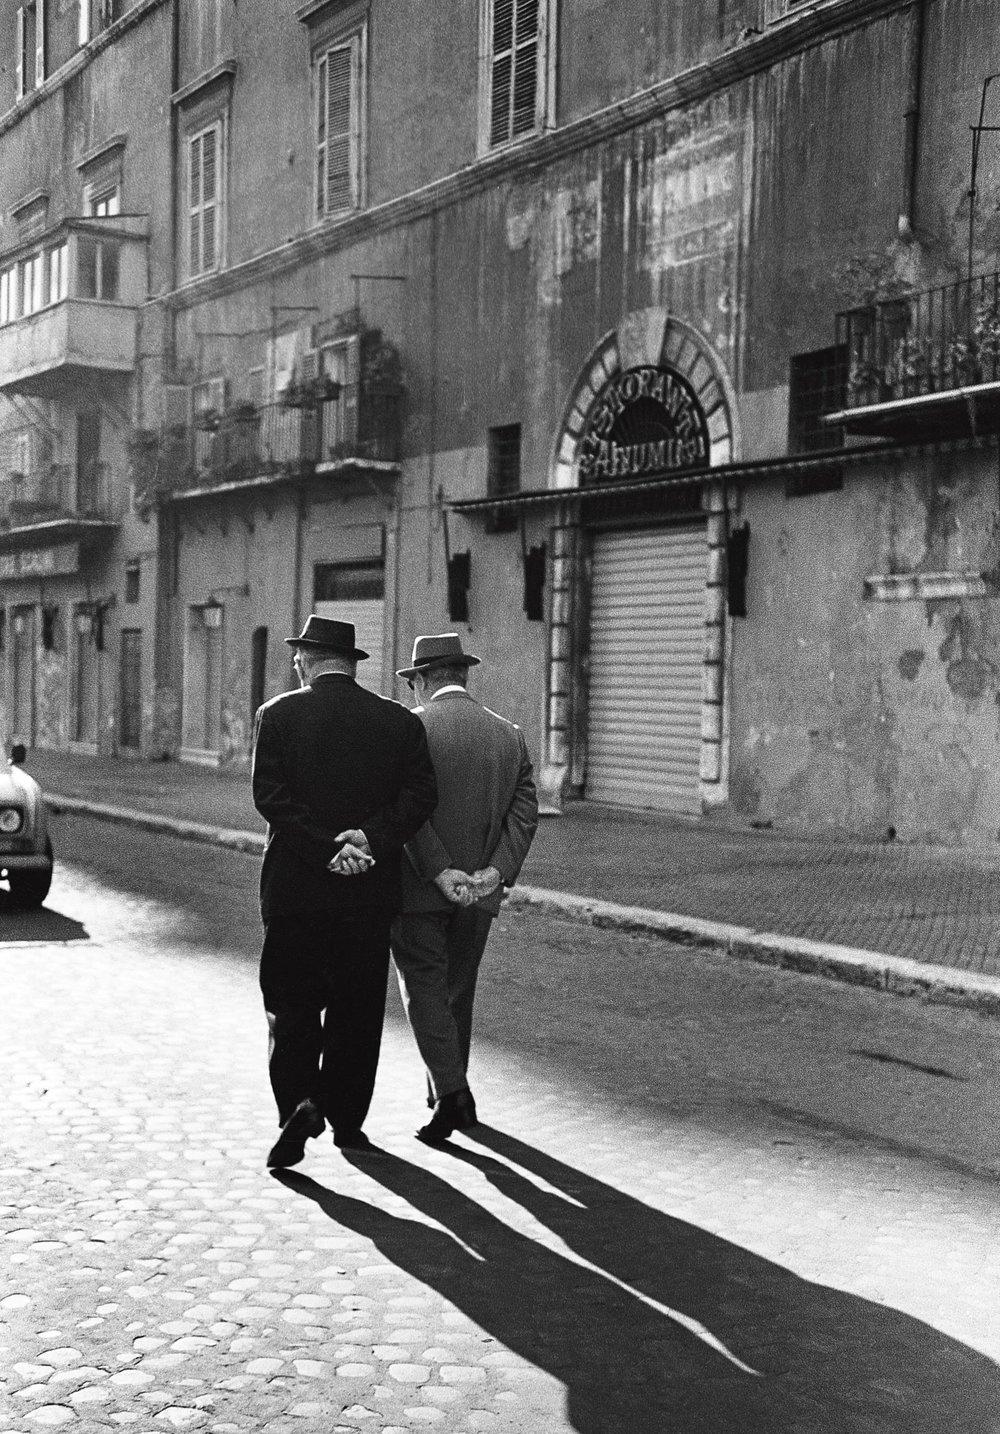 Les promeneurs, Rome 1984